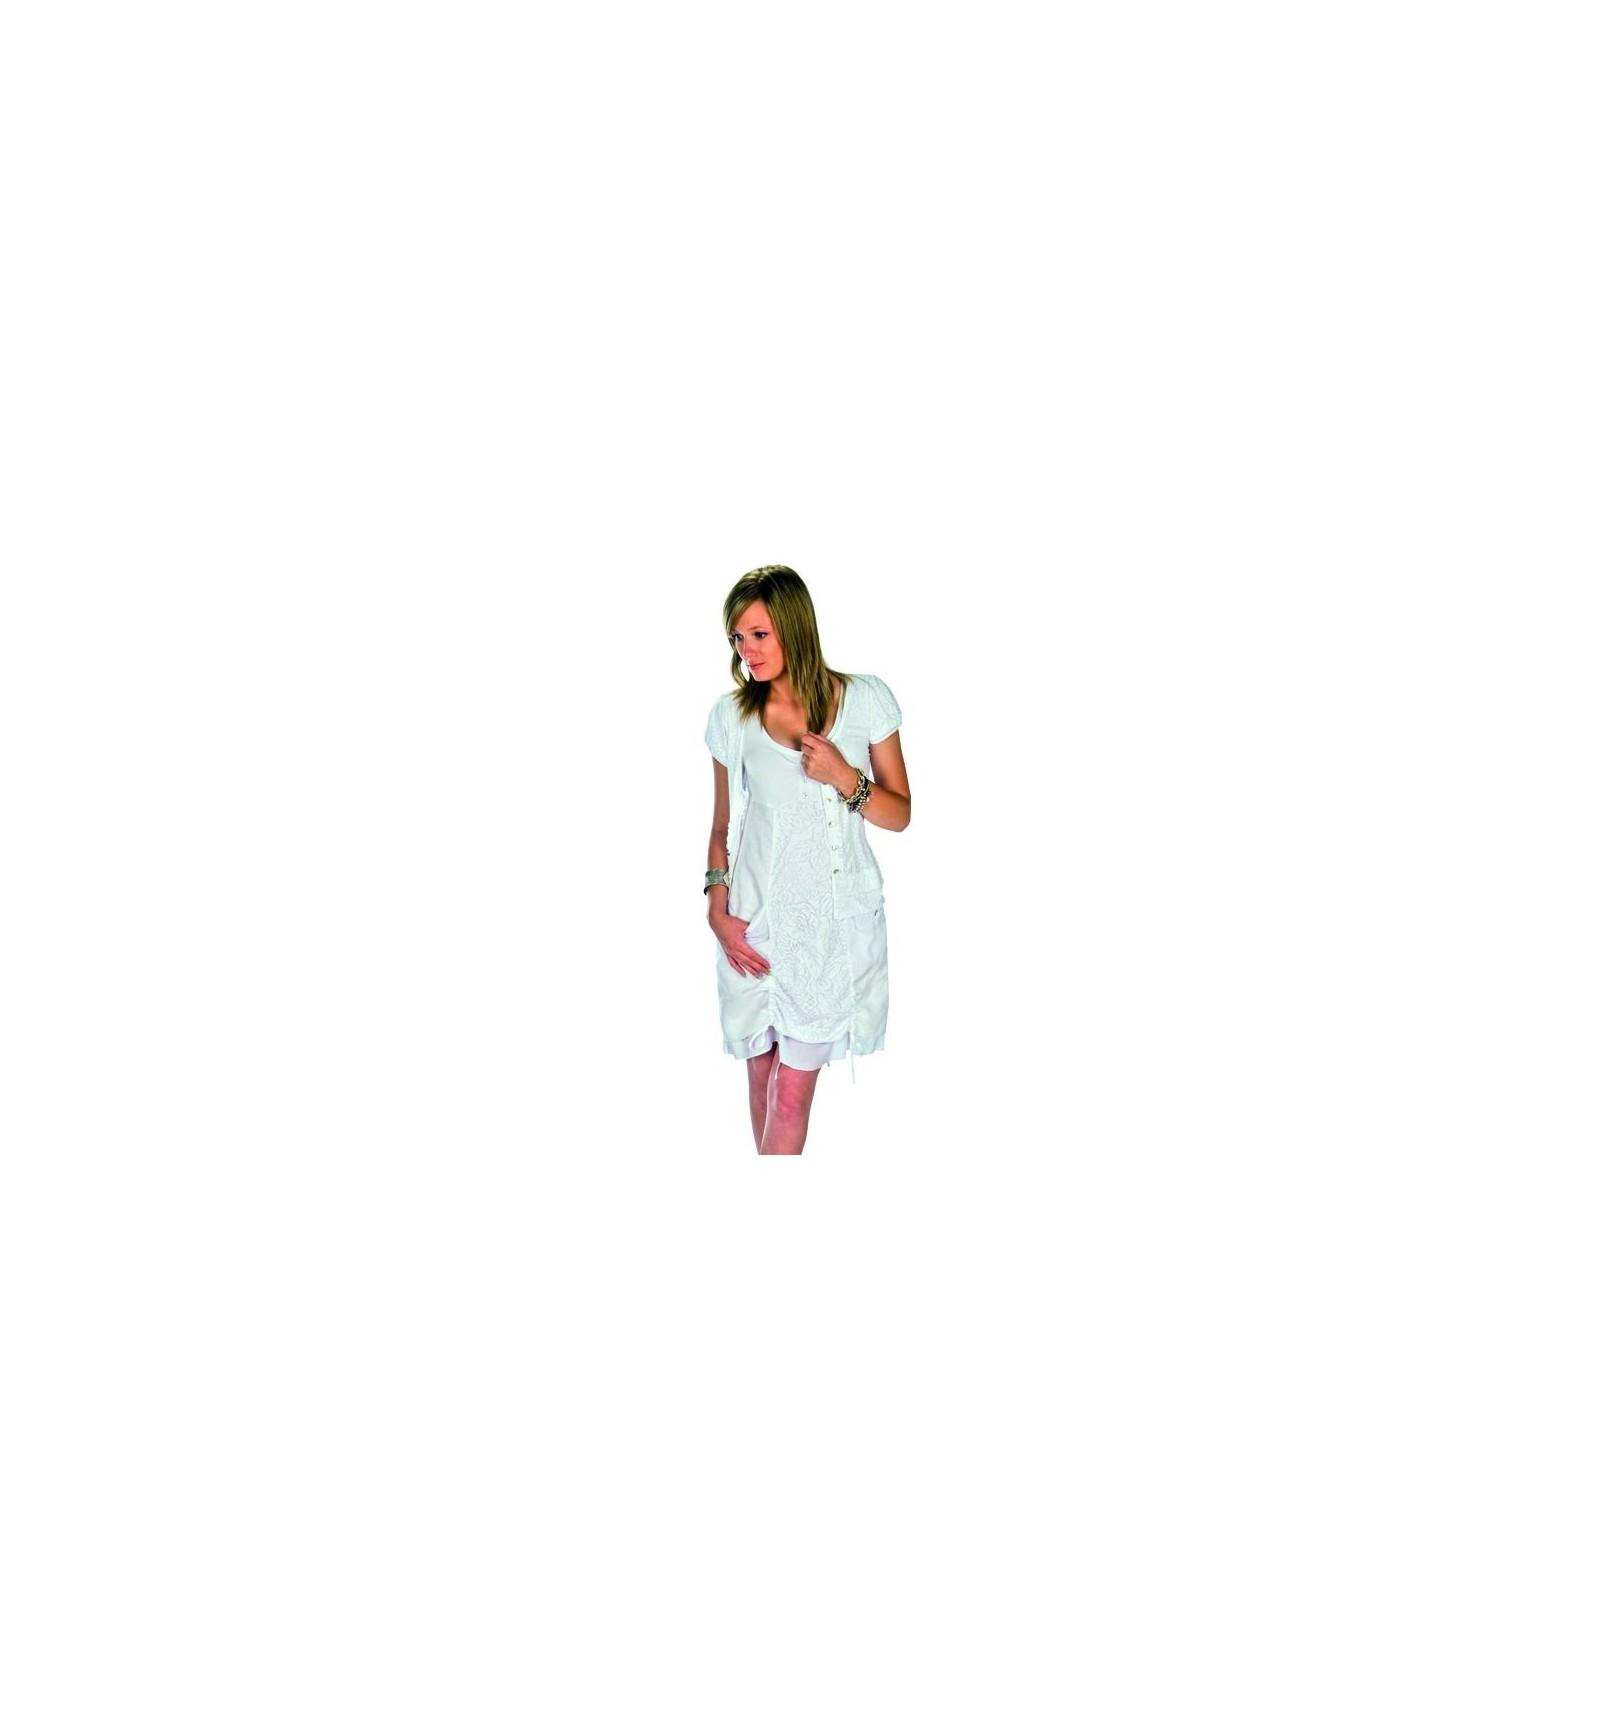 dd503e096de Robe courte en lin blanc marque Maloka - Mode-Lin.com